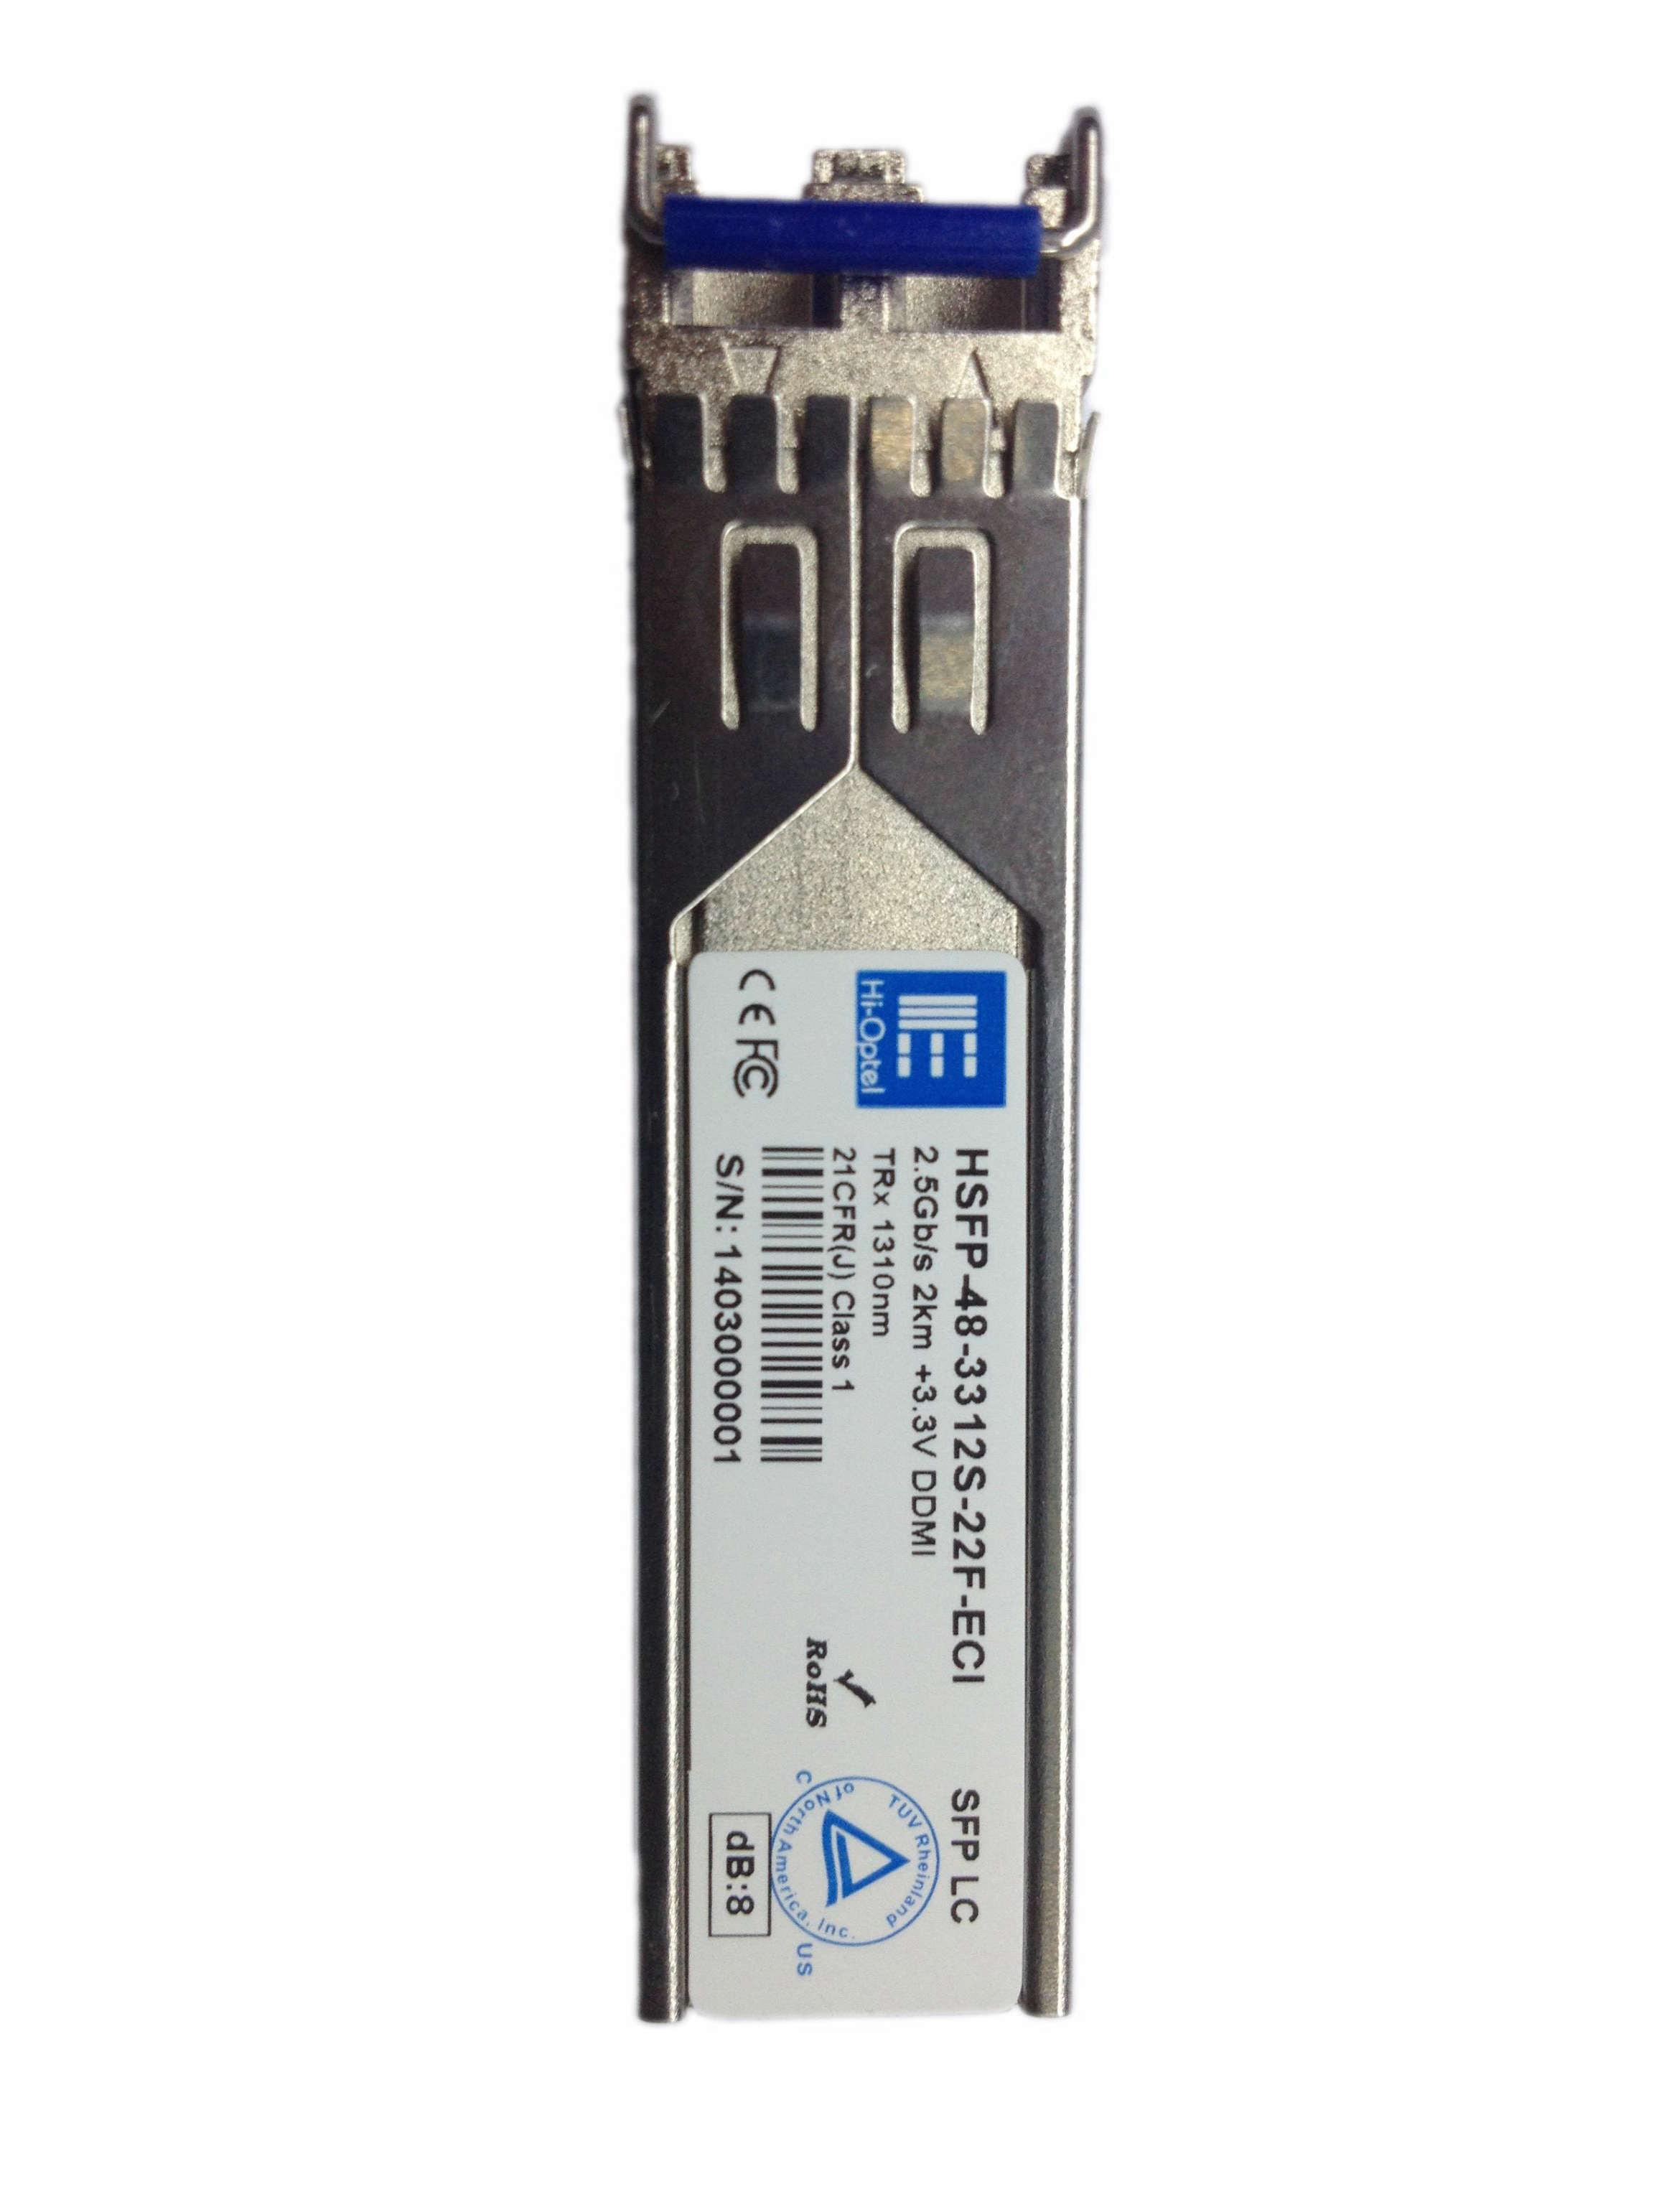 SFP 1.25GB/s CWDM 80km SM Duplex Optical Transceiver